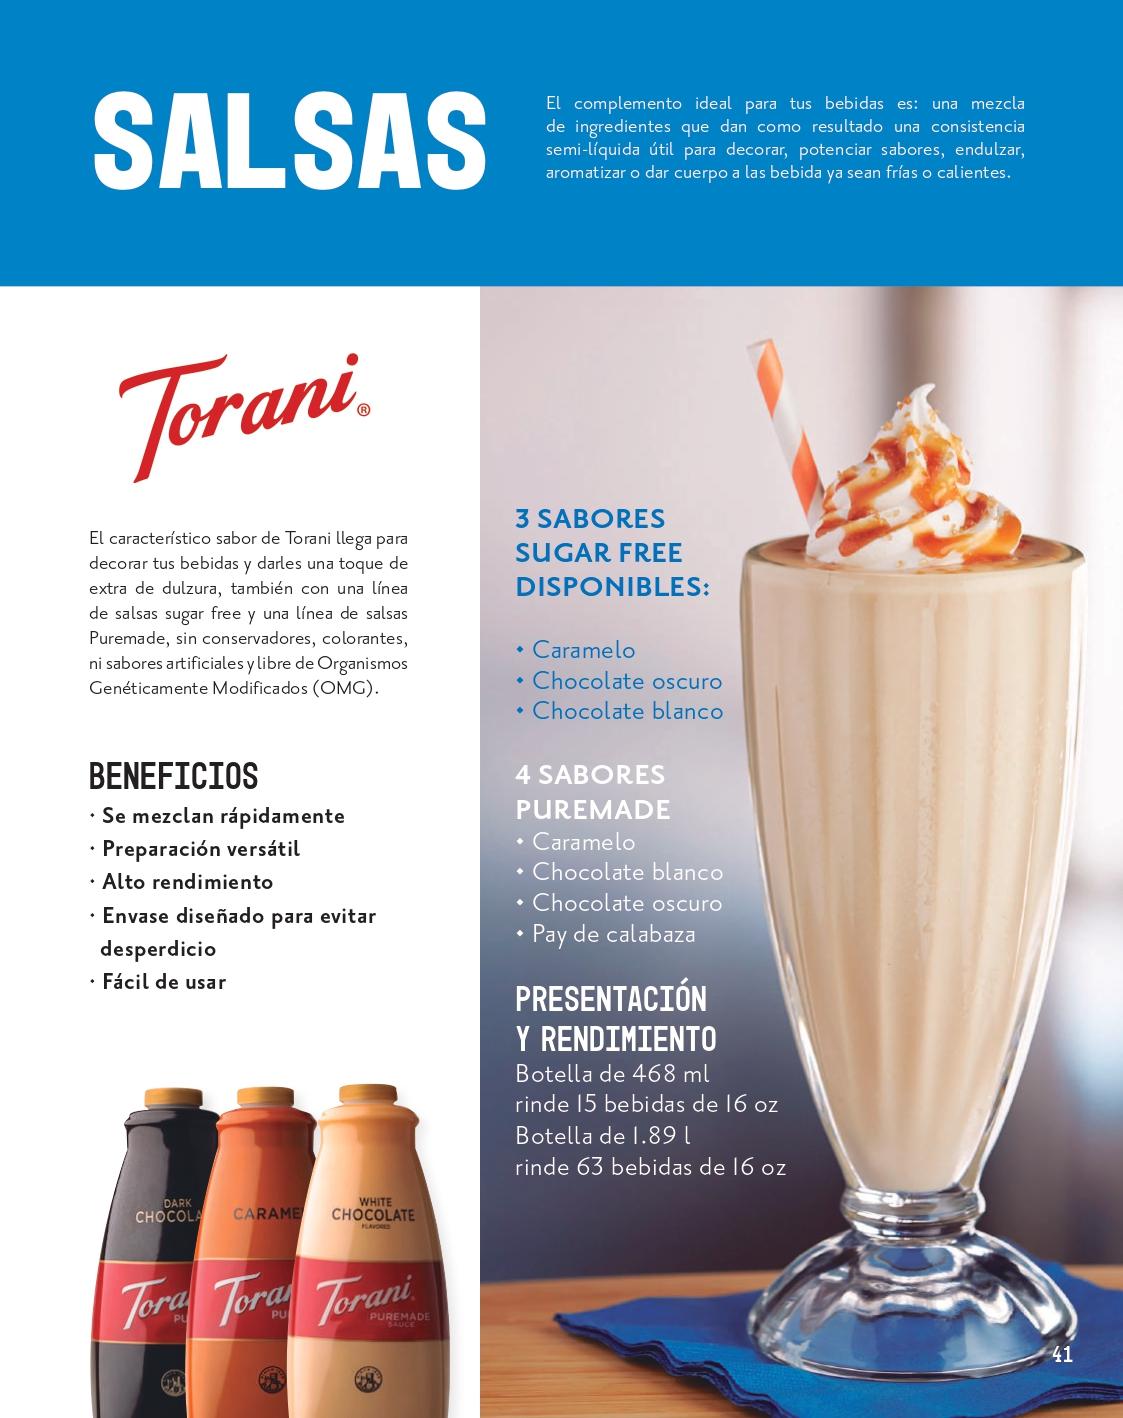 Salsas para complementar el sabor y apariencia de tus bebidas 01